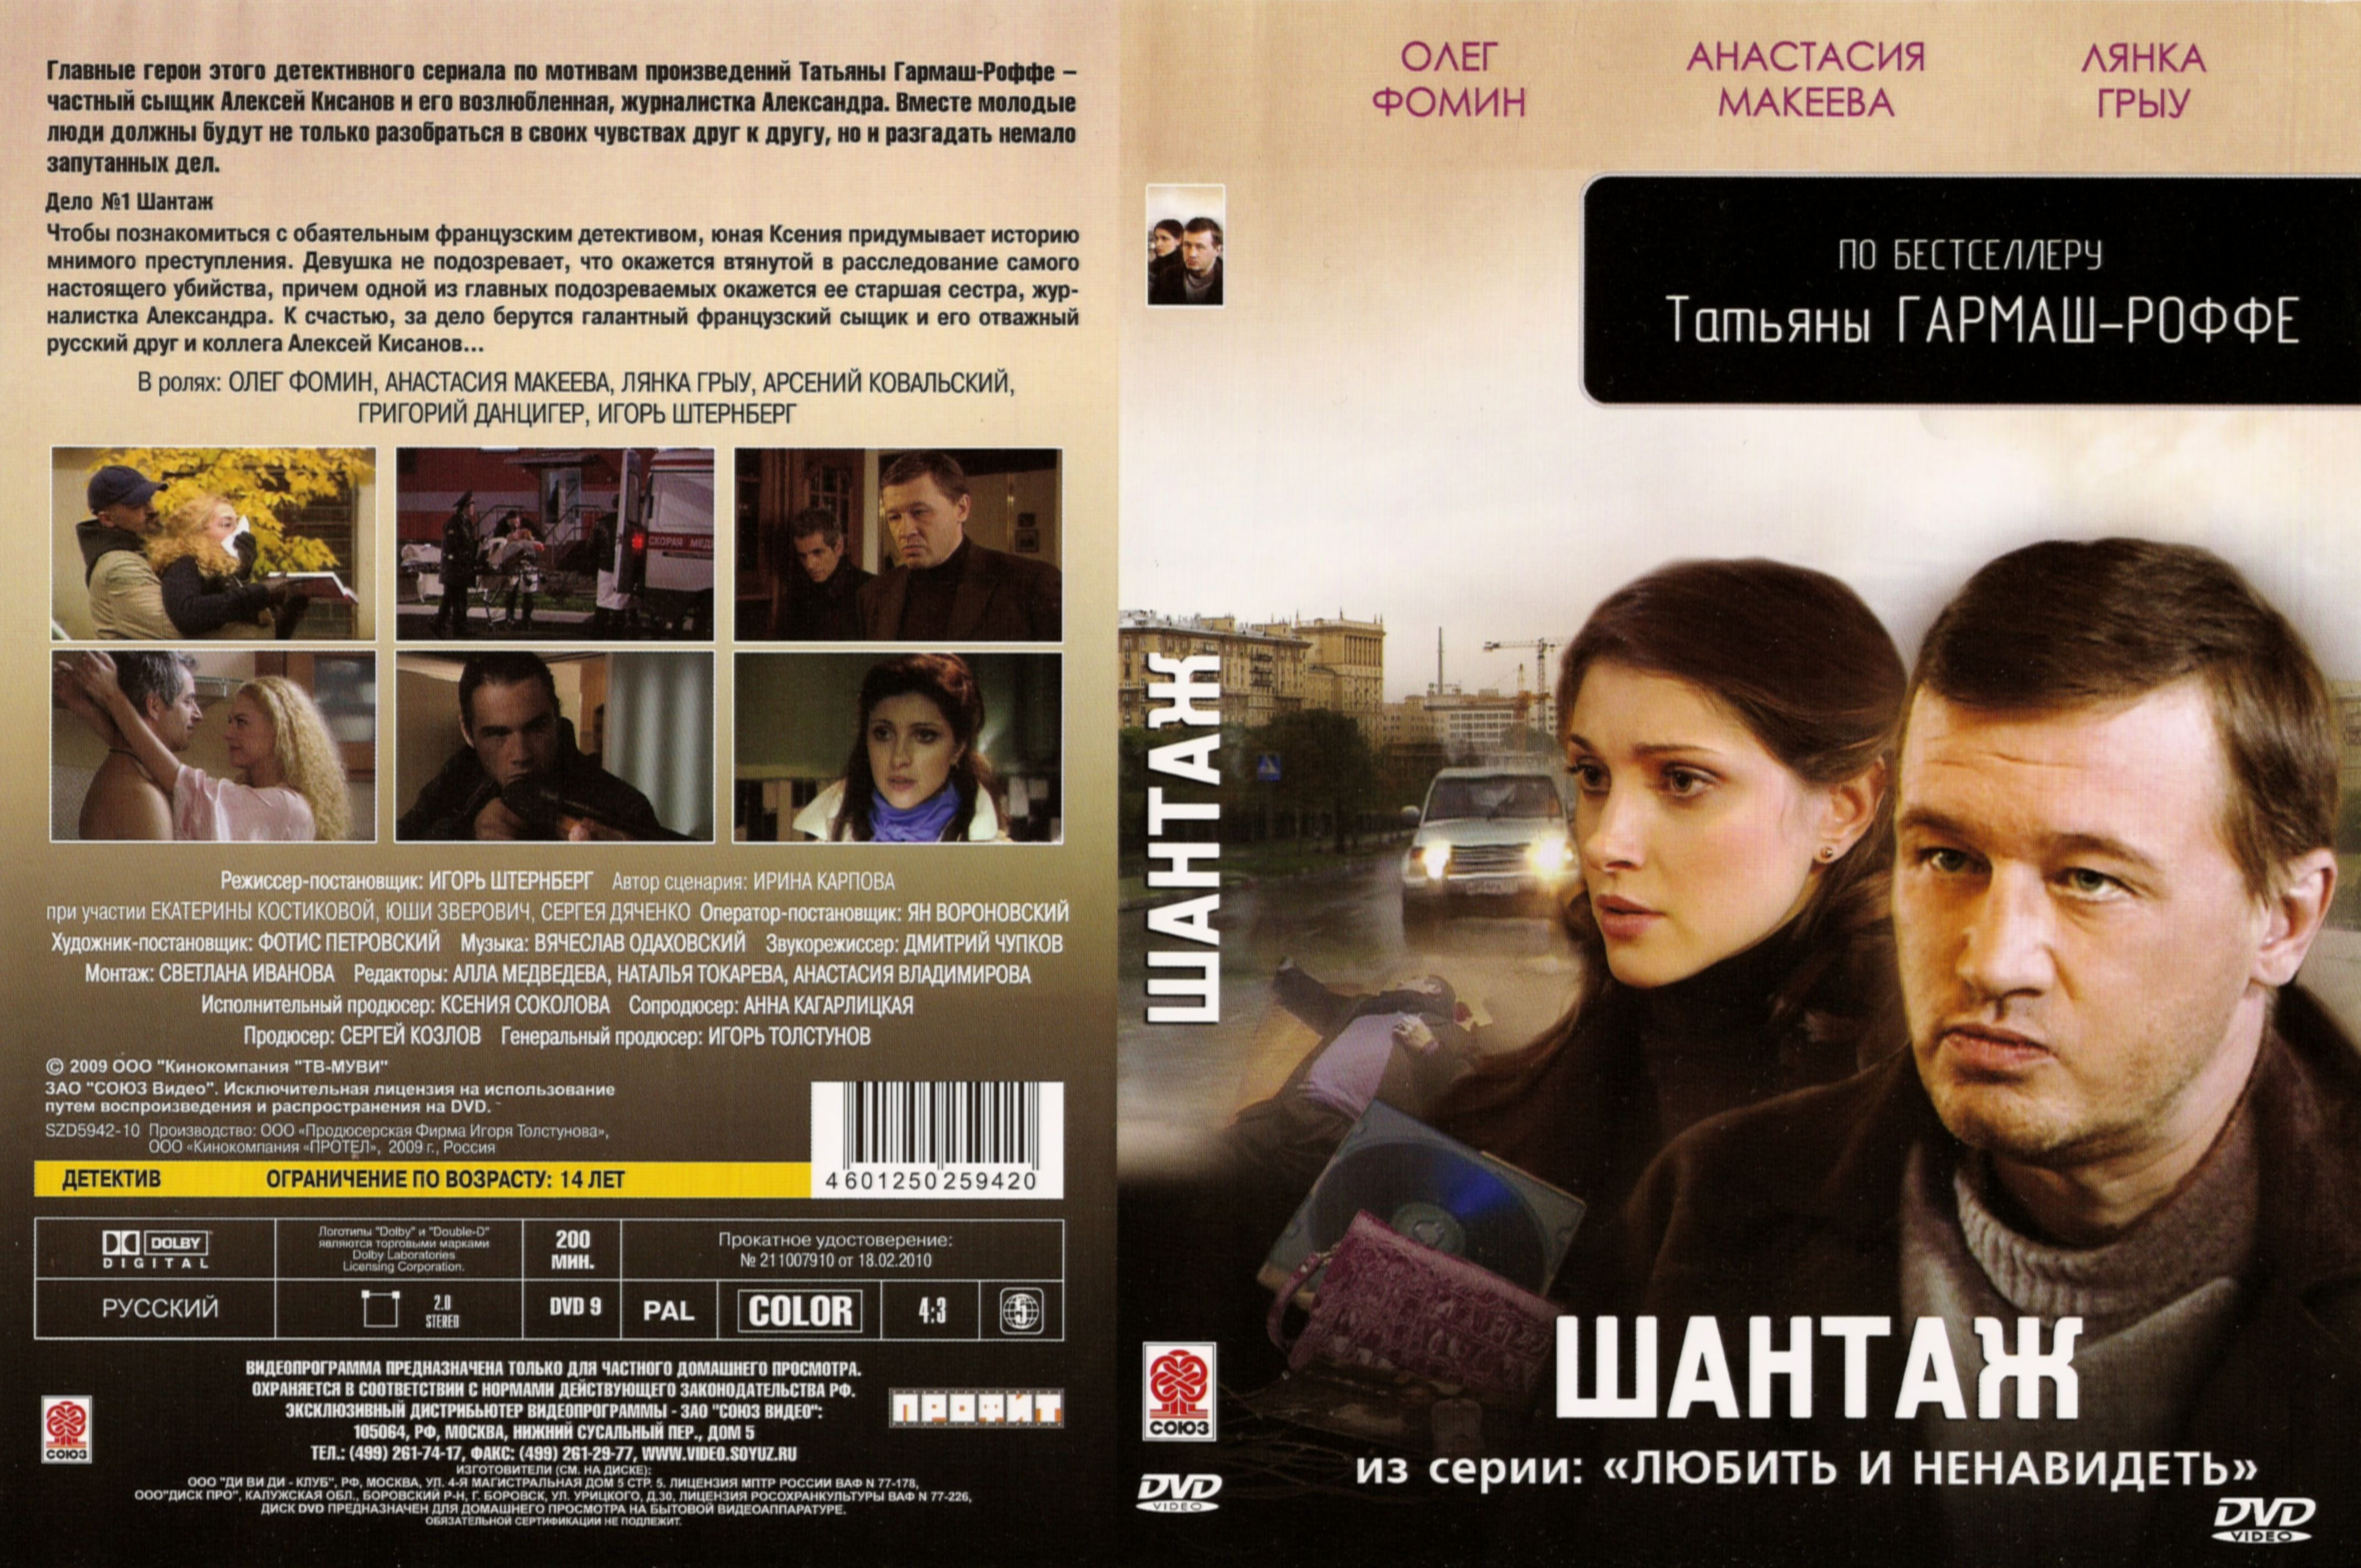 http://i2.imageban.ru/out/2010/05/08/2eaa3399342dfcec5d420cef8df908bd.jpg